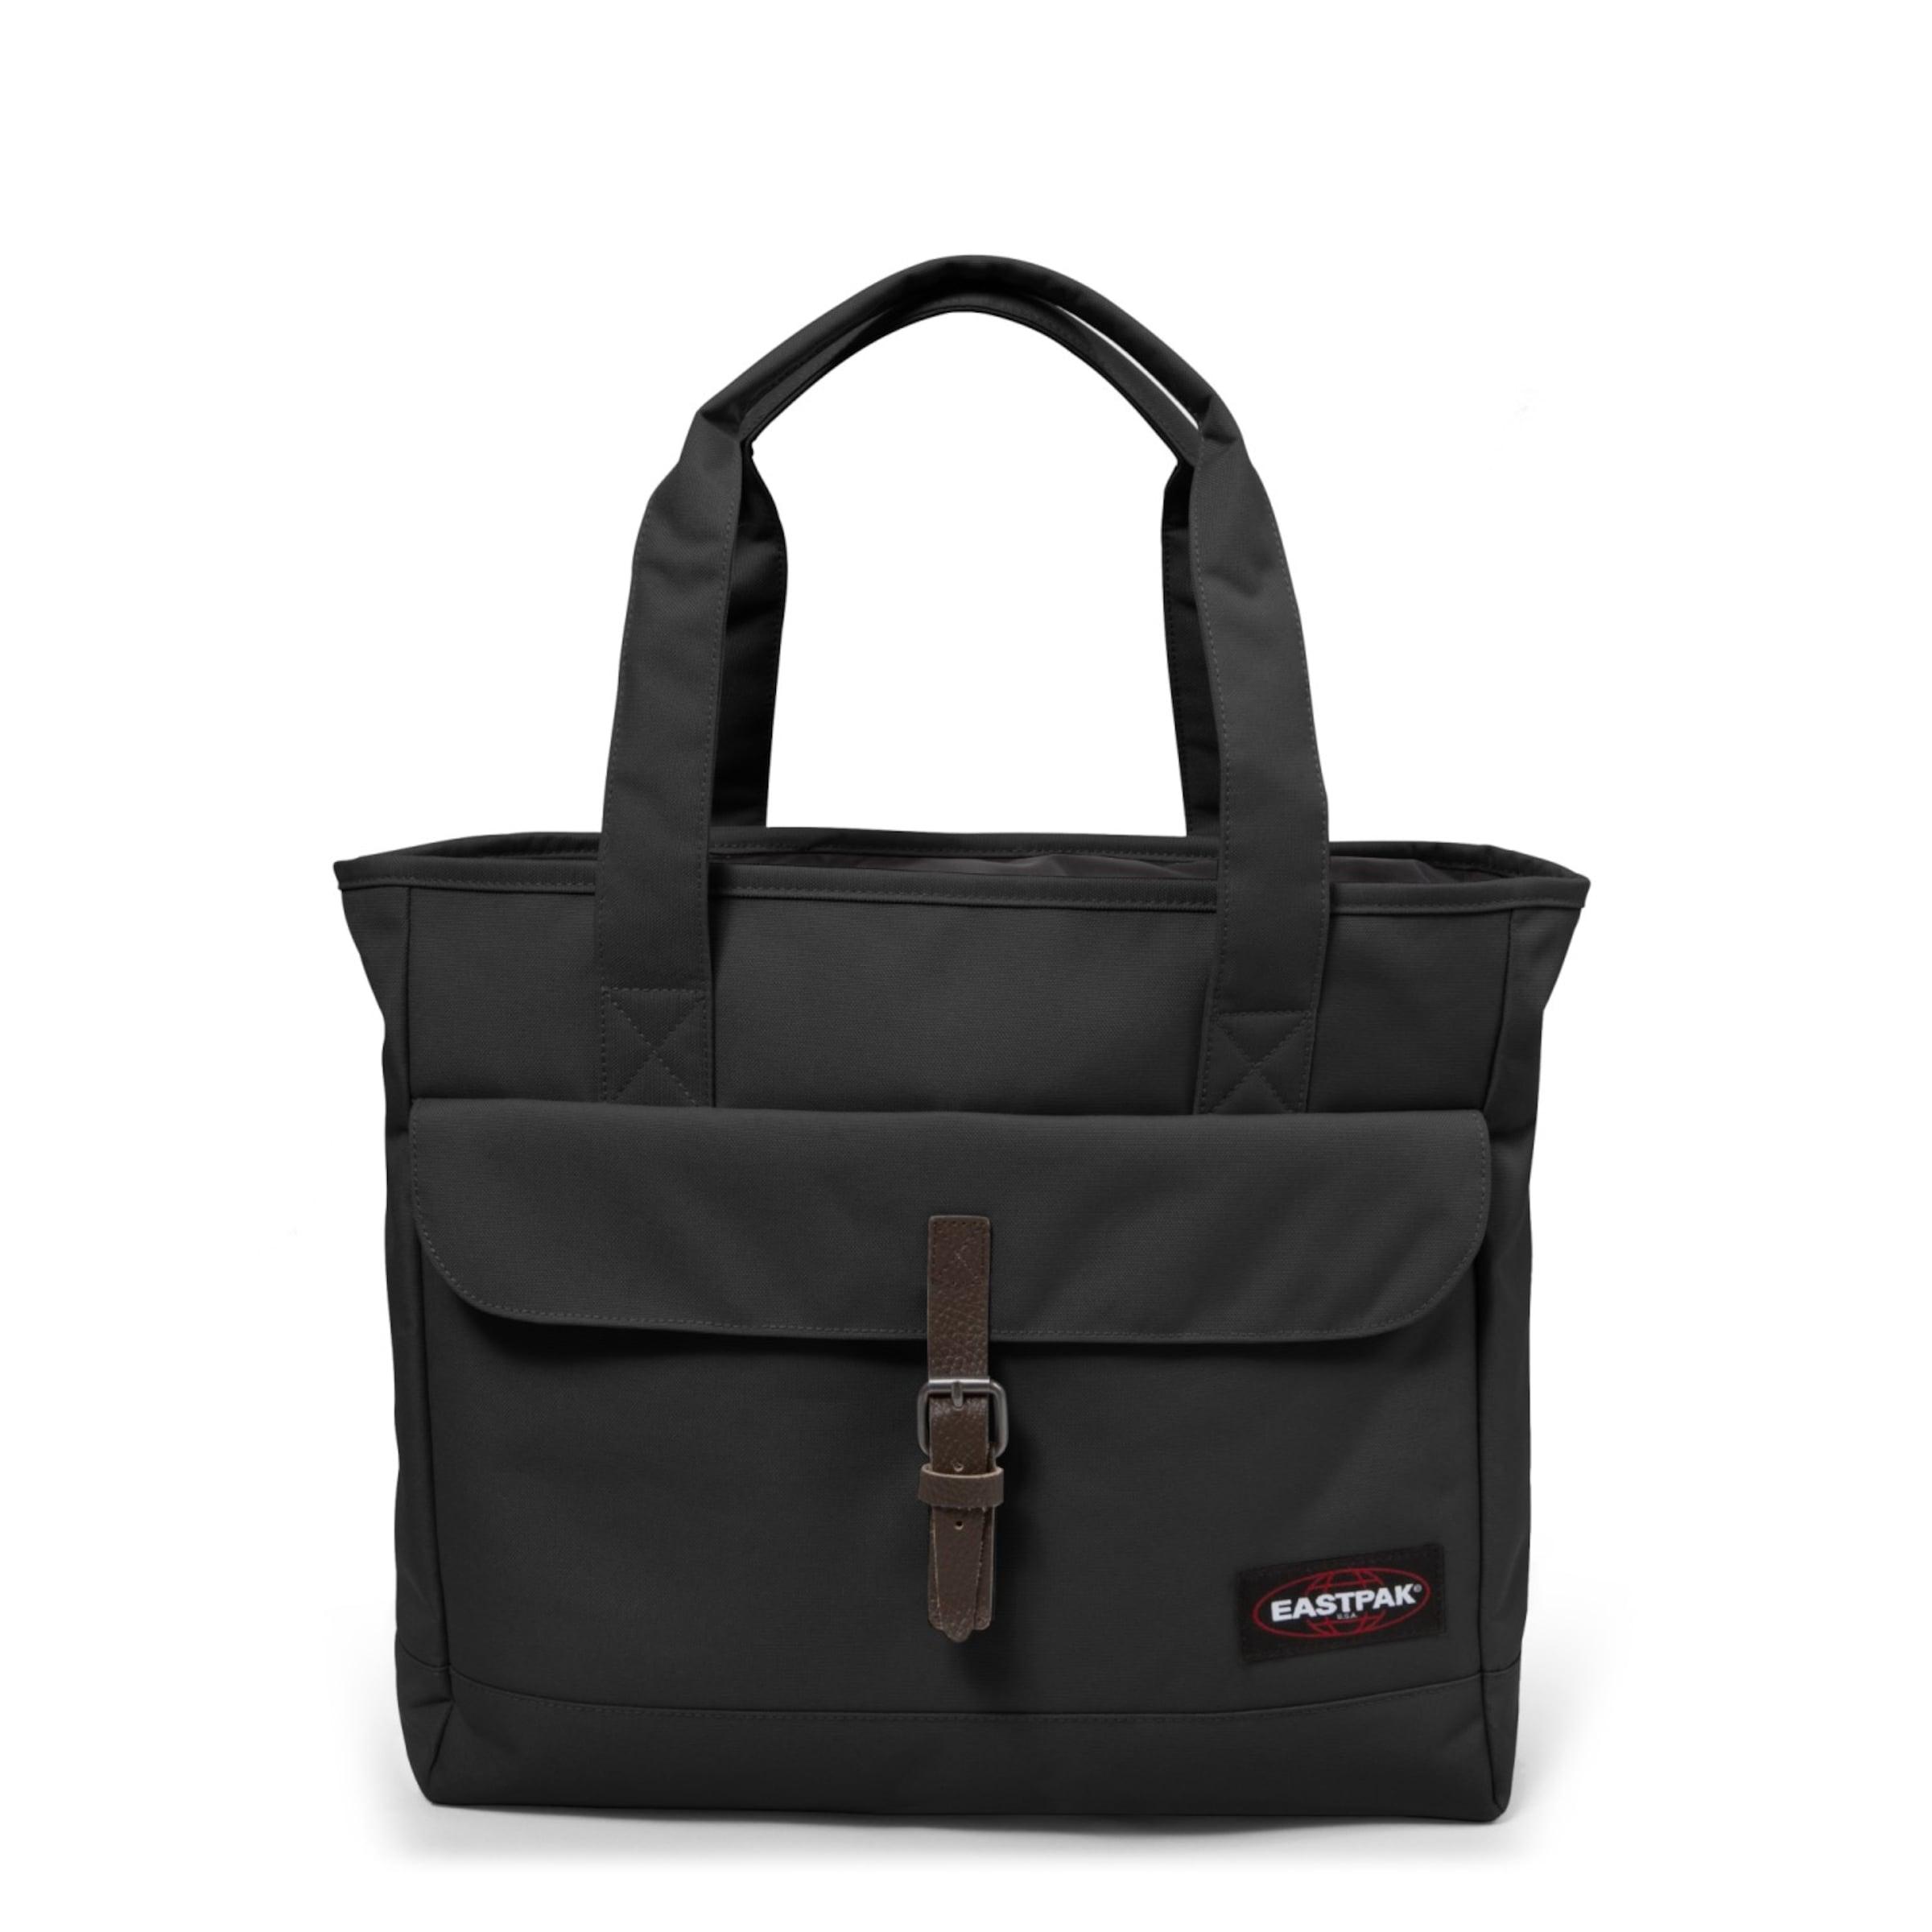 EASTPAK 'Flail' Shopper Tasche 36 cm mit Laptopfach Original- Für Schöne Online APasqKxzex